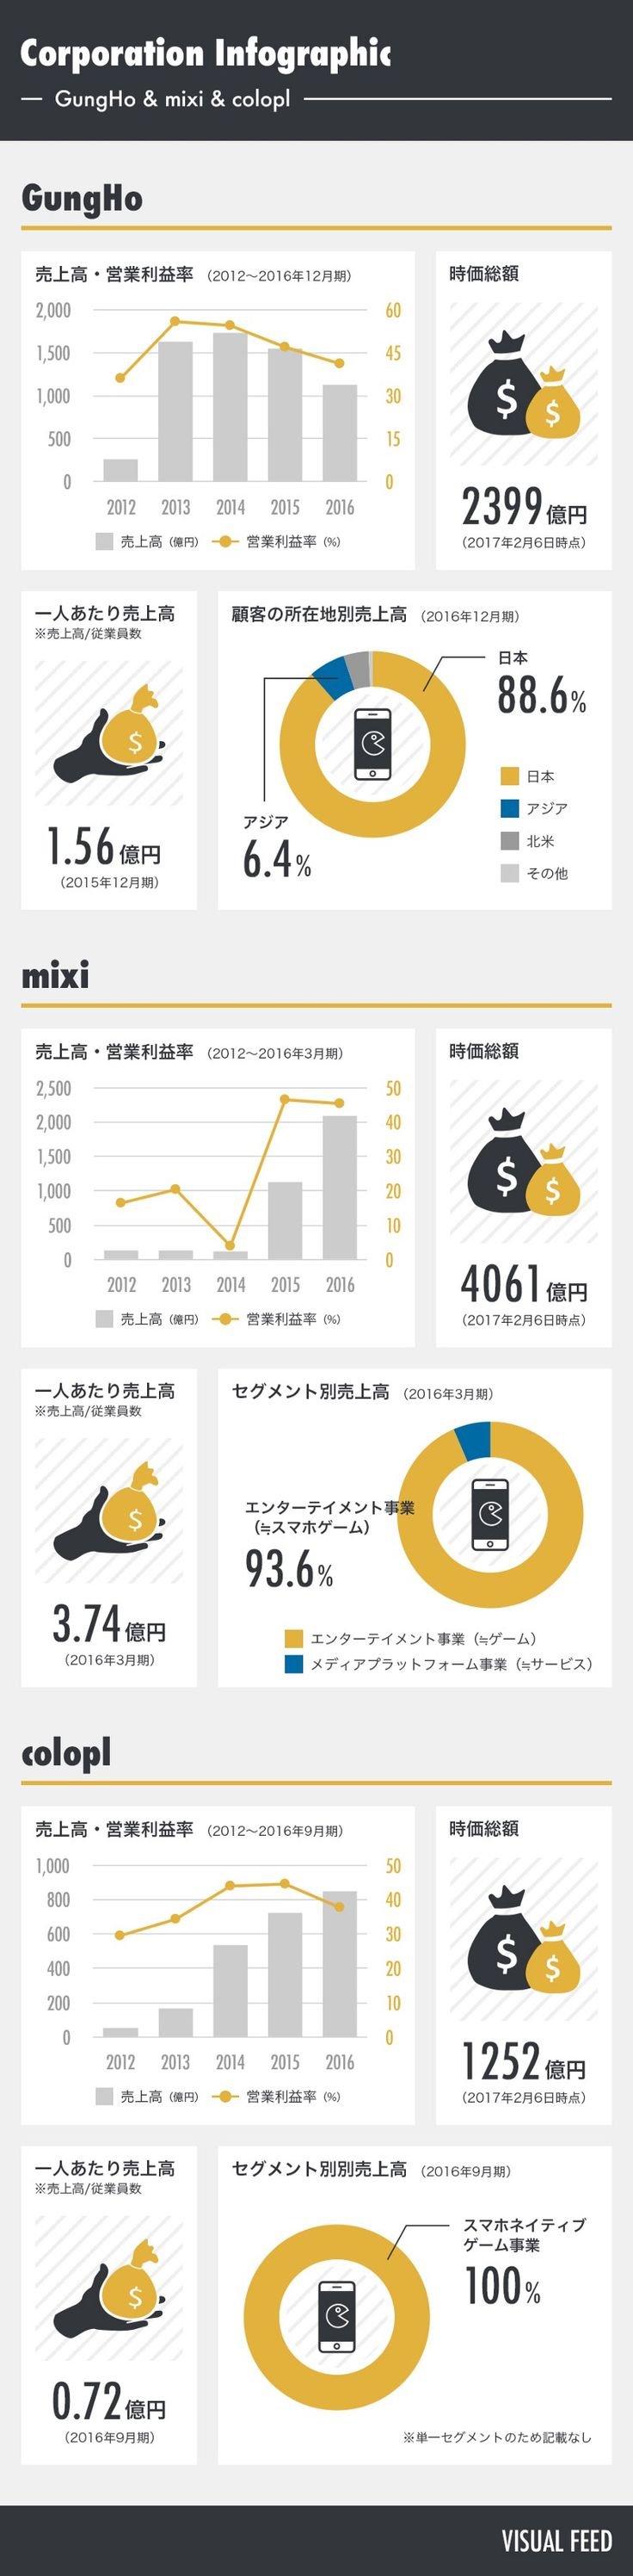 【インフォグラフィック】ガンホー・ミクシィ・コロプラの業績データ – Visual Feed